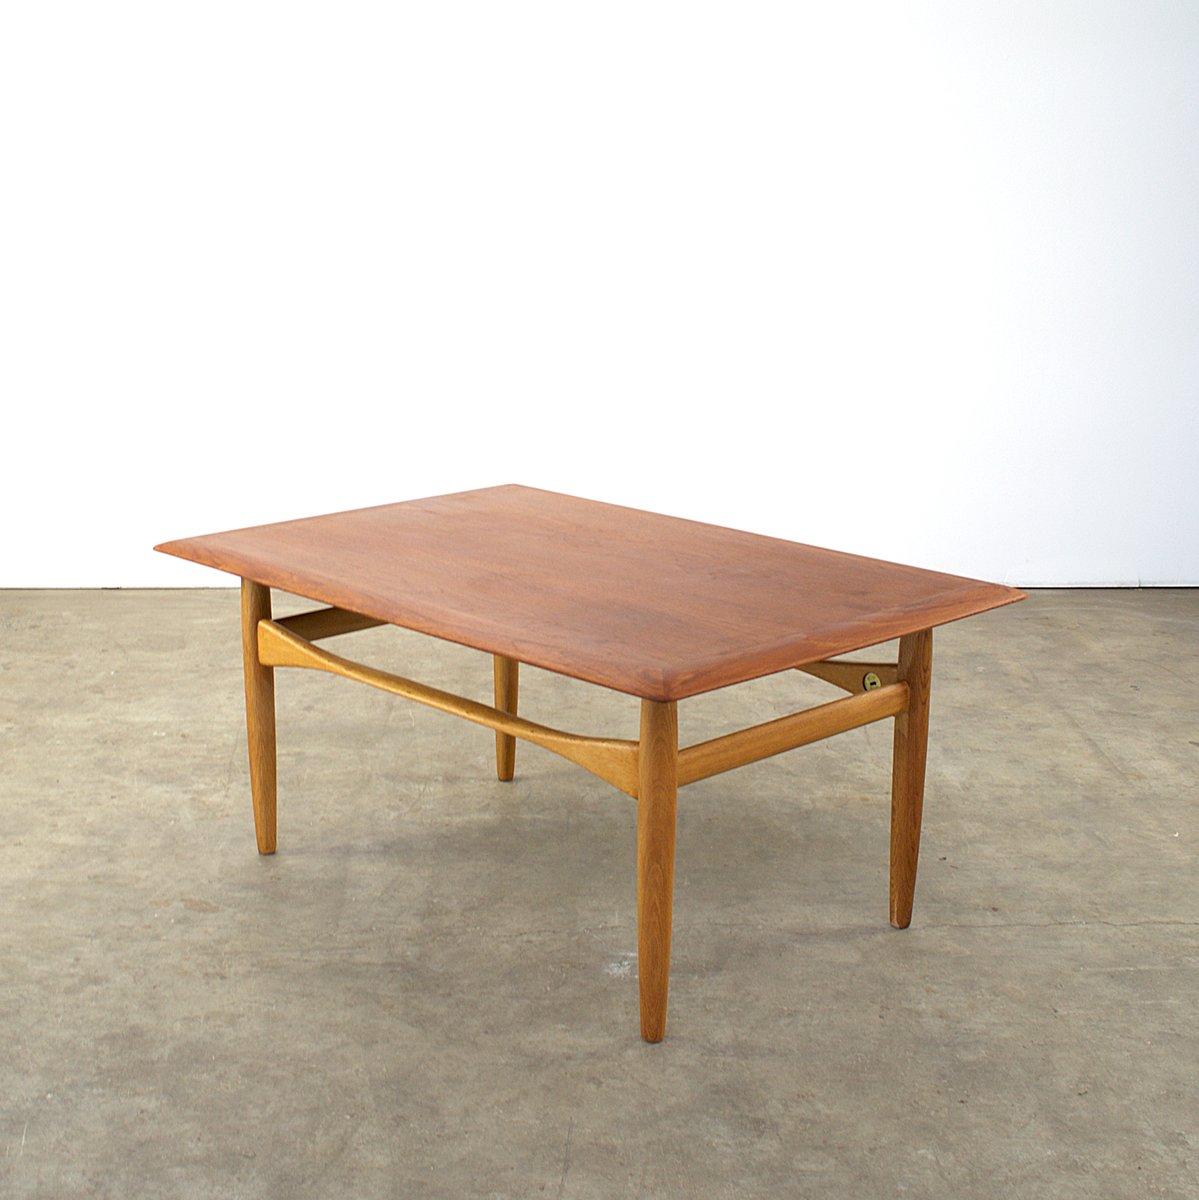 Mesa holandesa de teca y roble de aksel bender madsen para - Mesa de teca ...